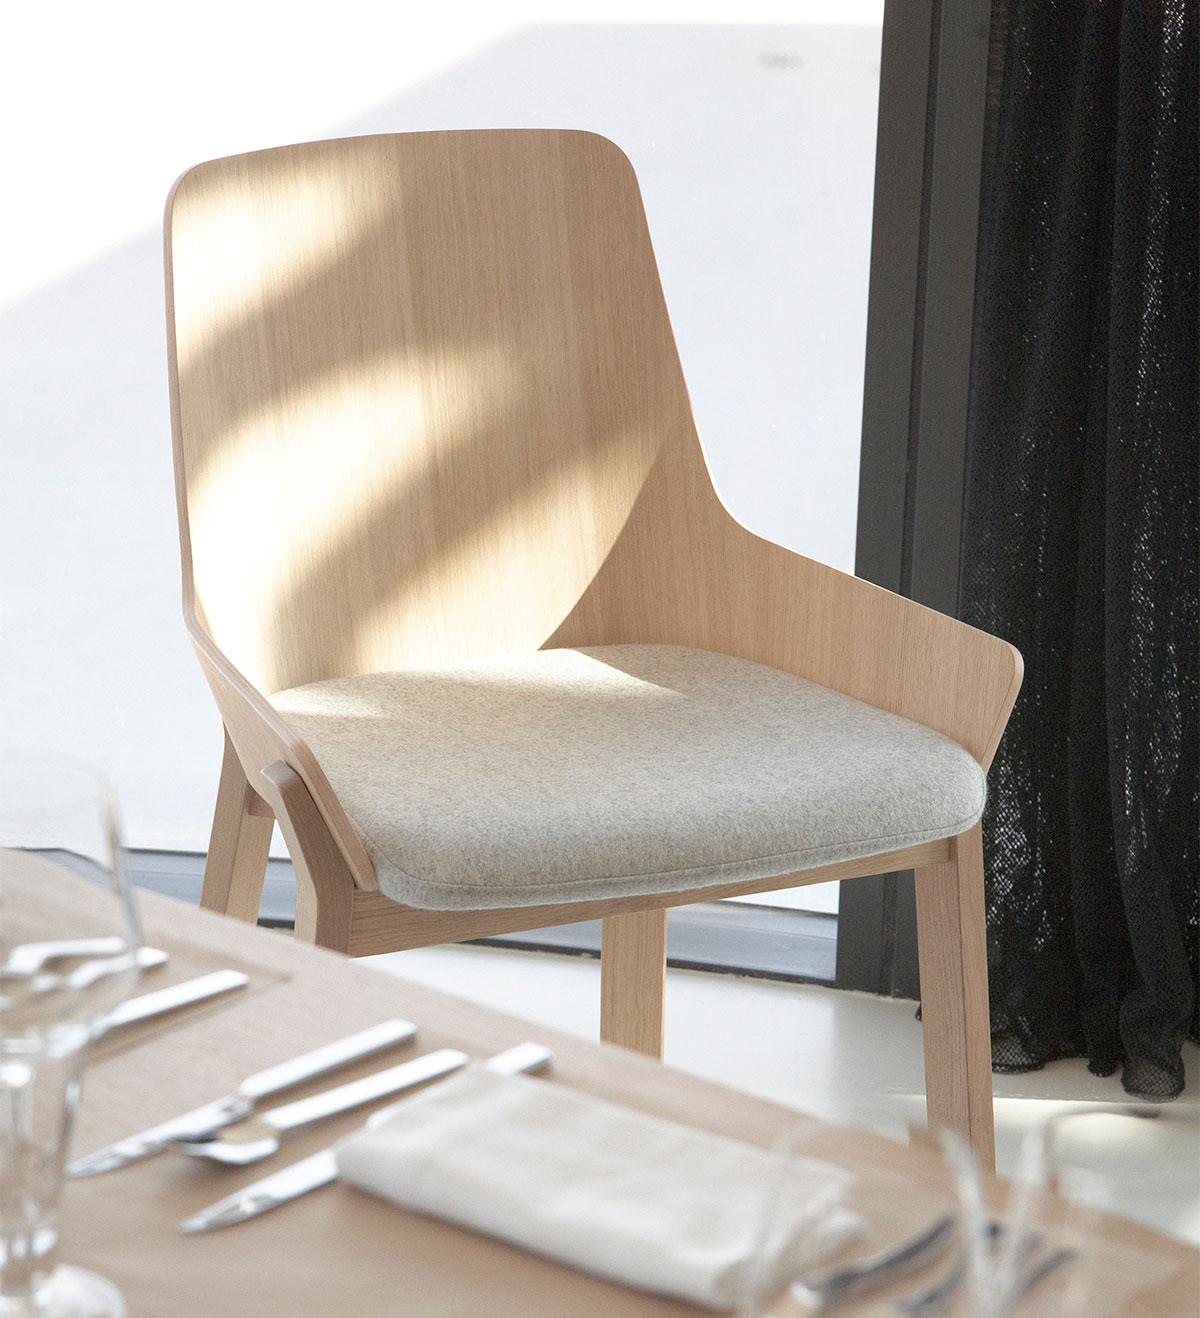 Koila-solid-oak-chair-design-iratzoki-lizaso